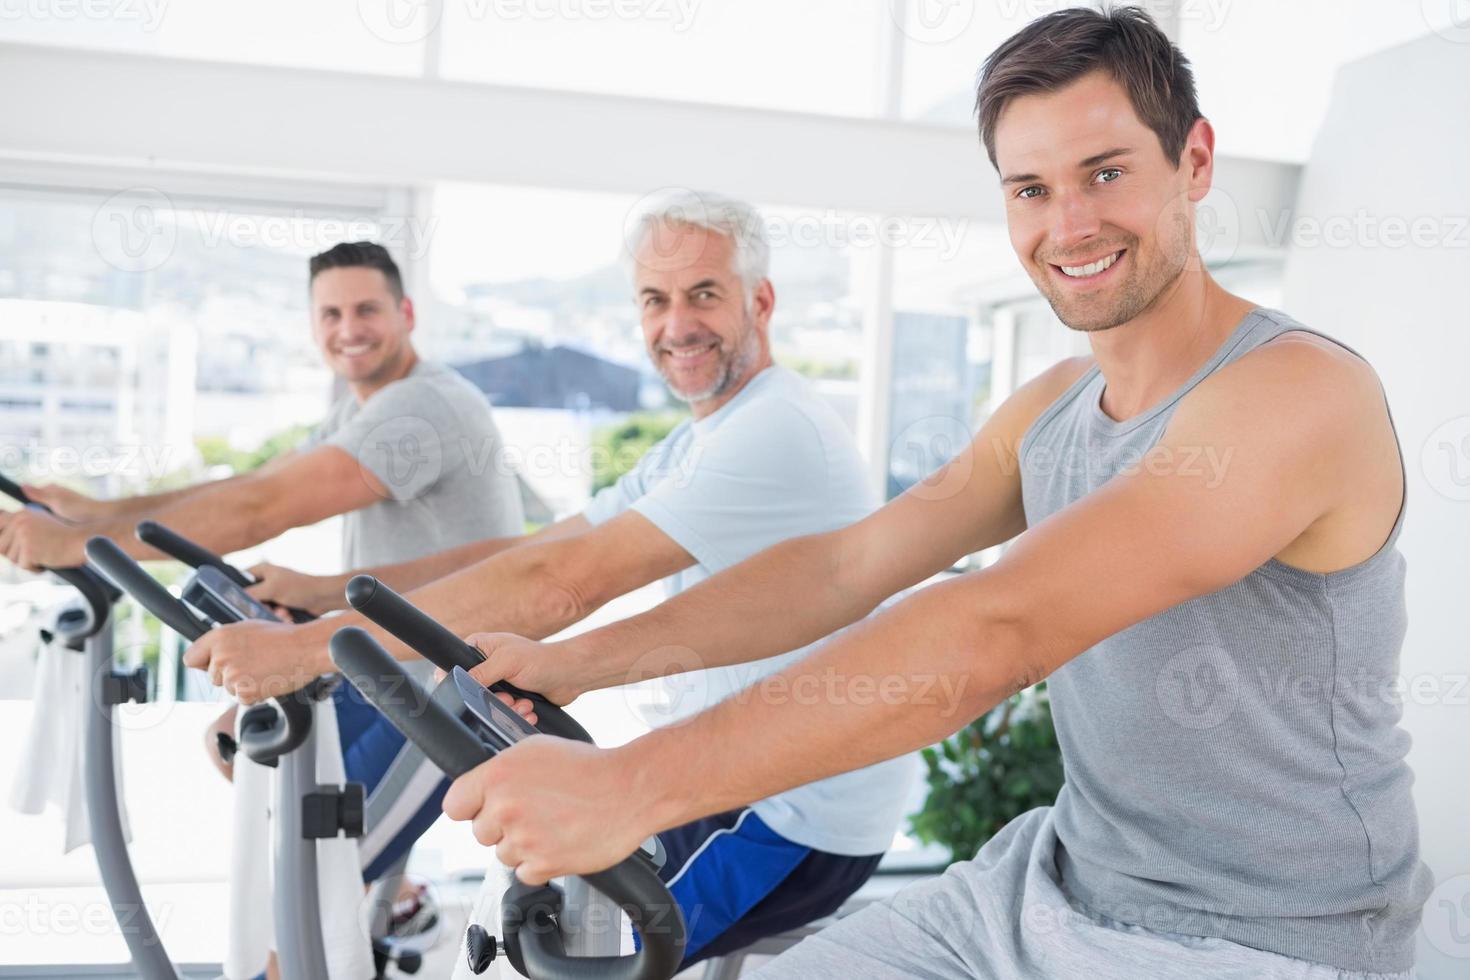 män på motionscyklar foto